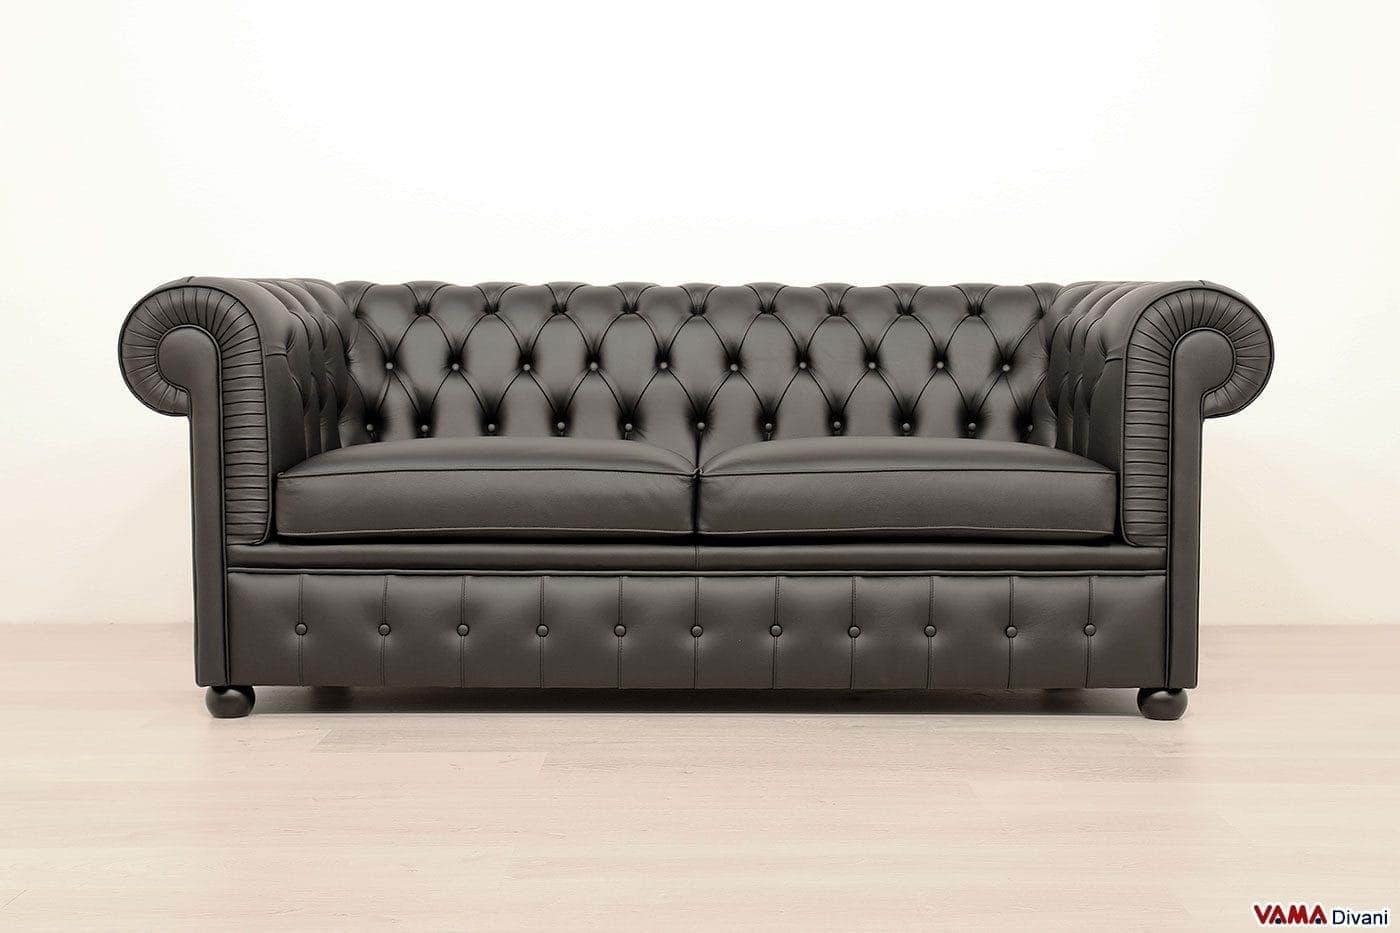 Cuscini per divani su misura cuscini divano su misura - Cuscini divano on line ...